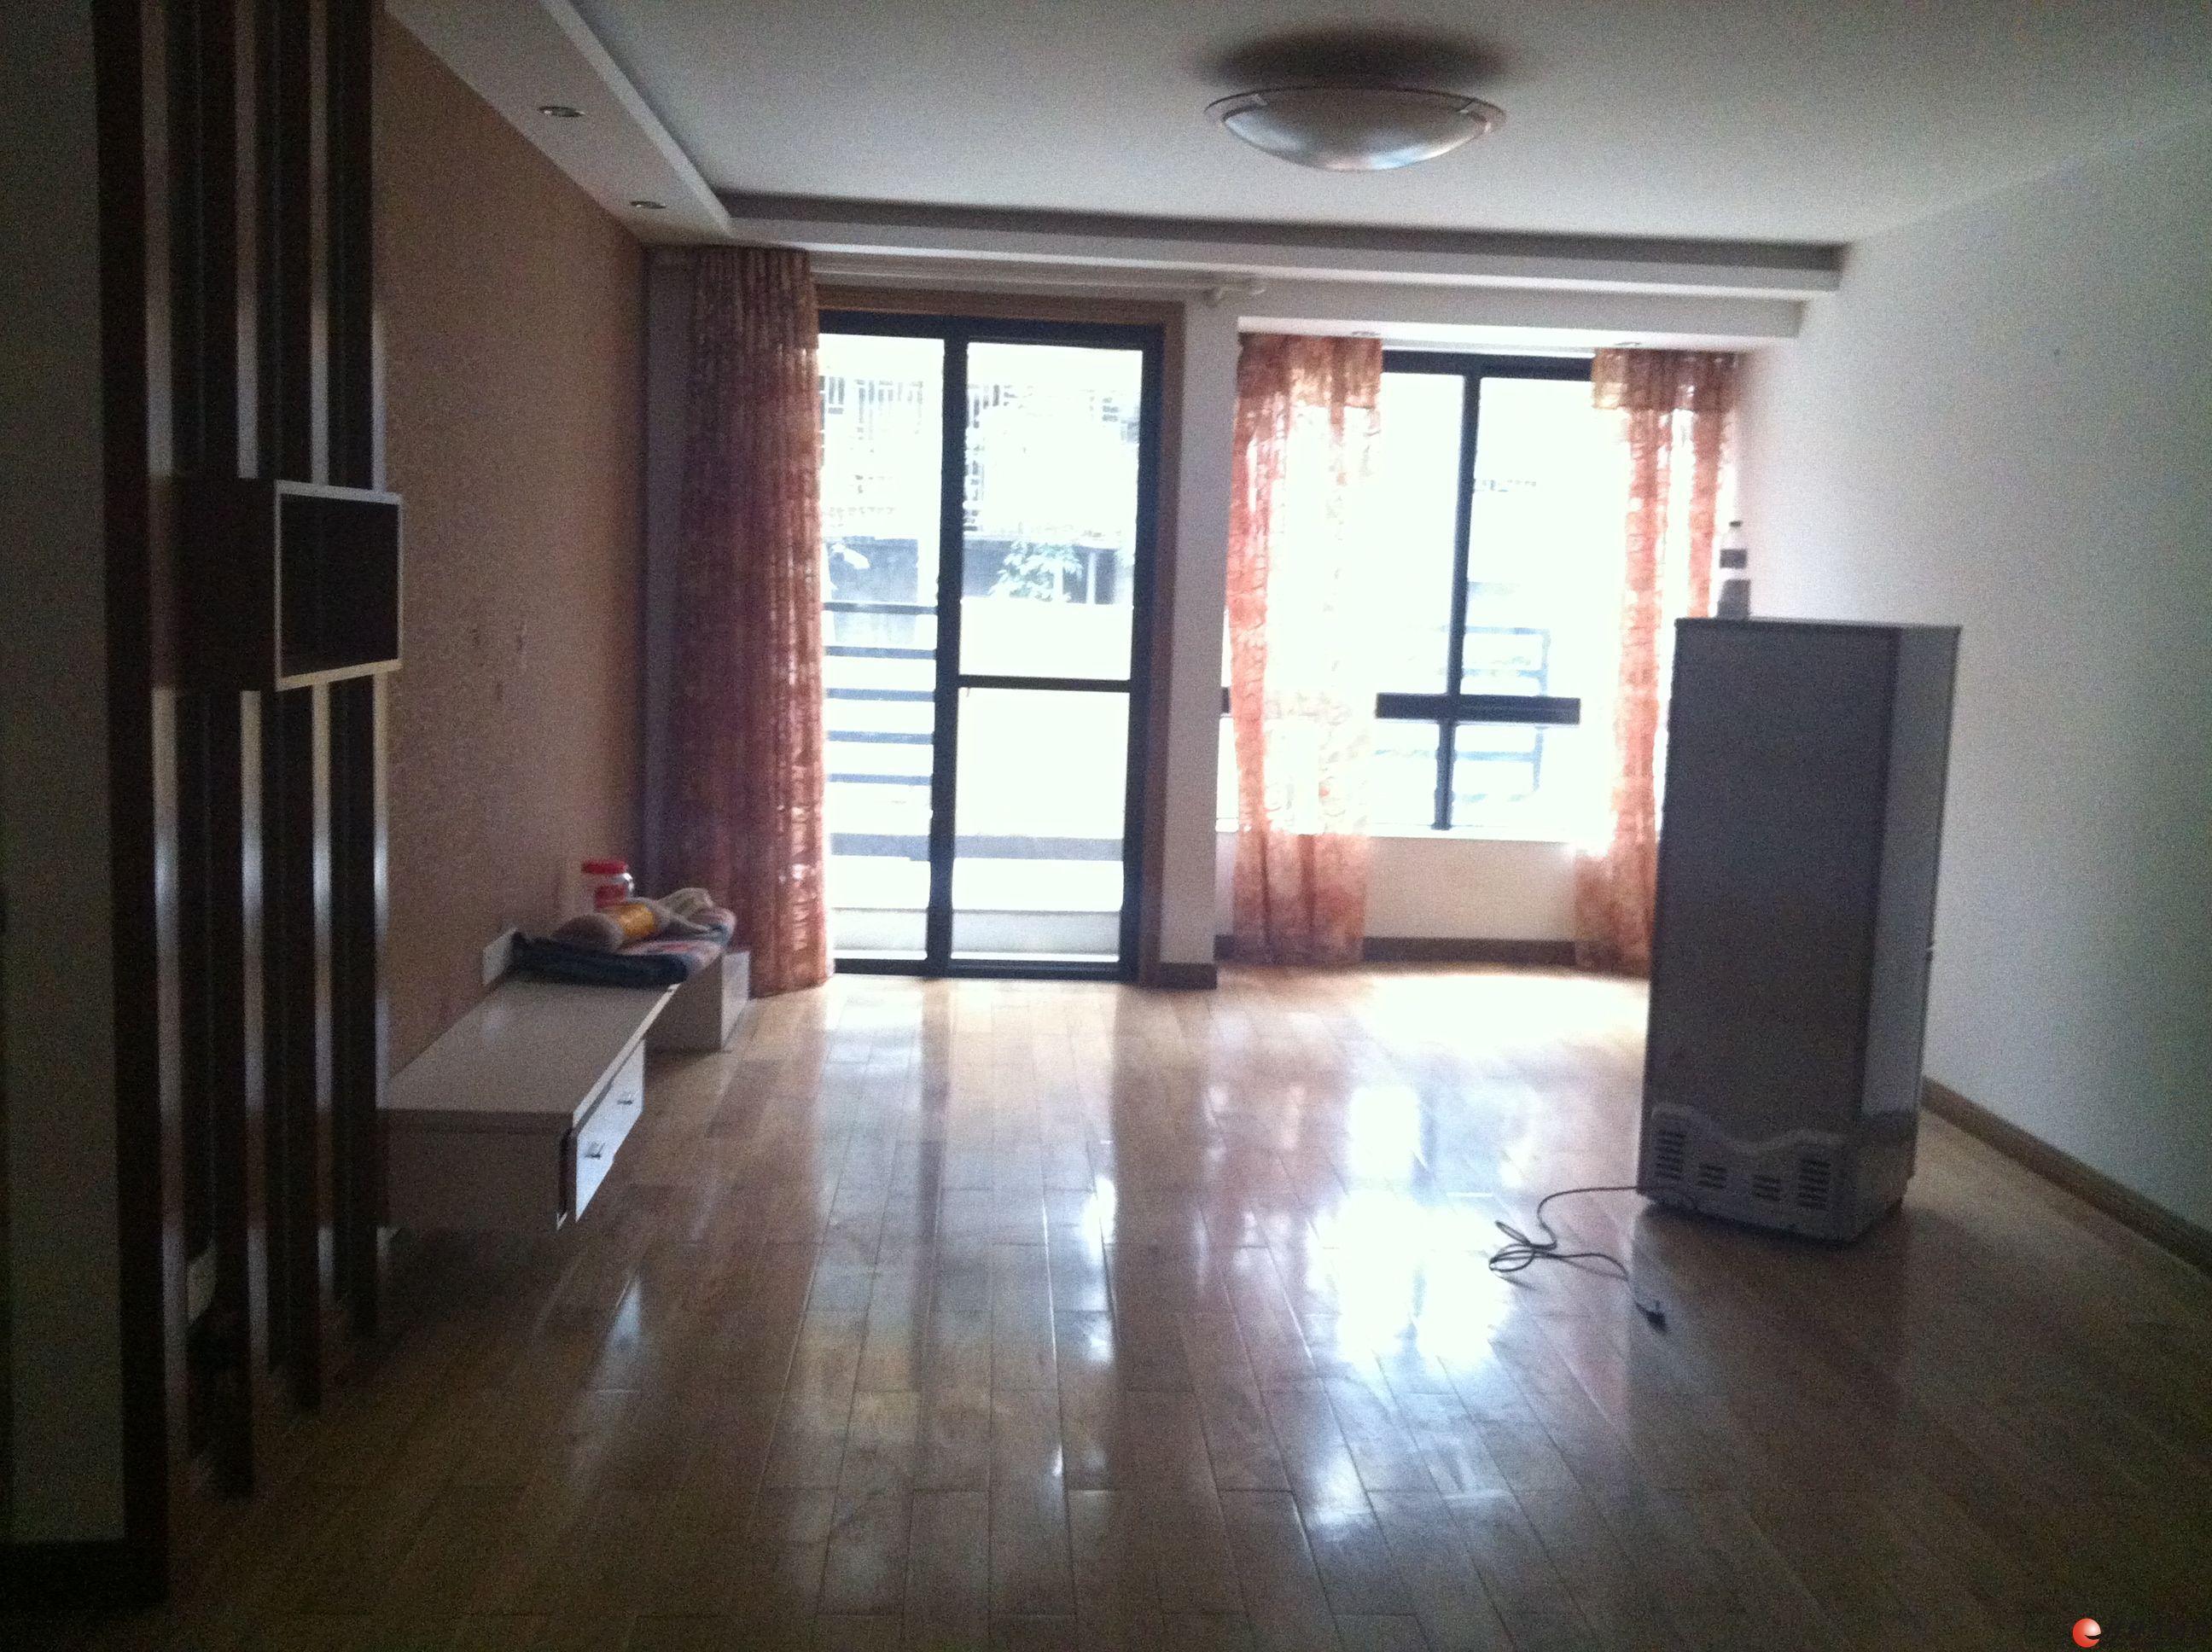 彰泰鸣翠新城 中装3房2厅2卫 136㎡有超大露台 环境优雅 租价3000元